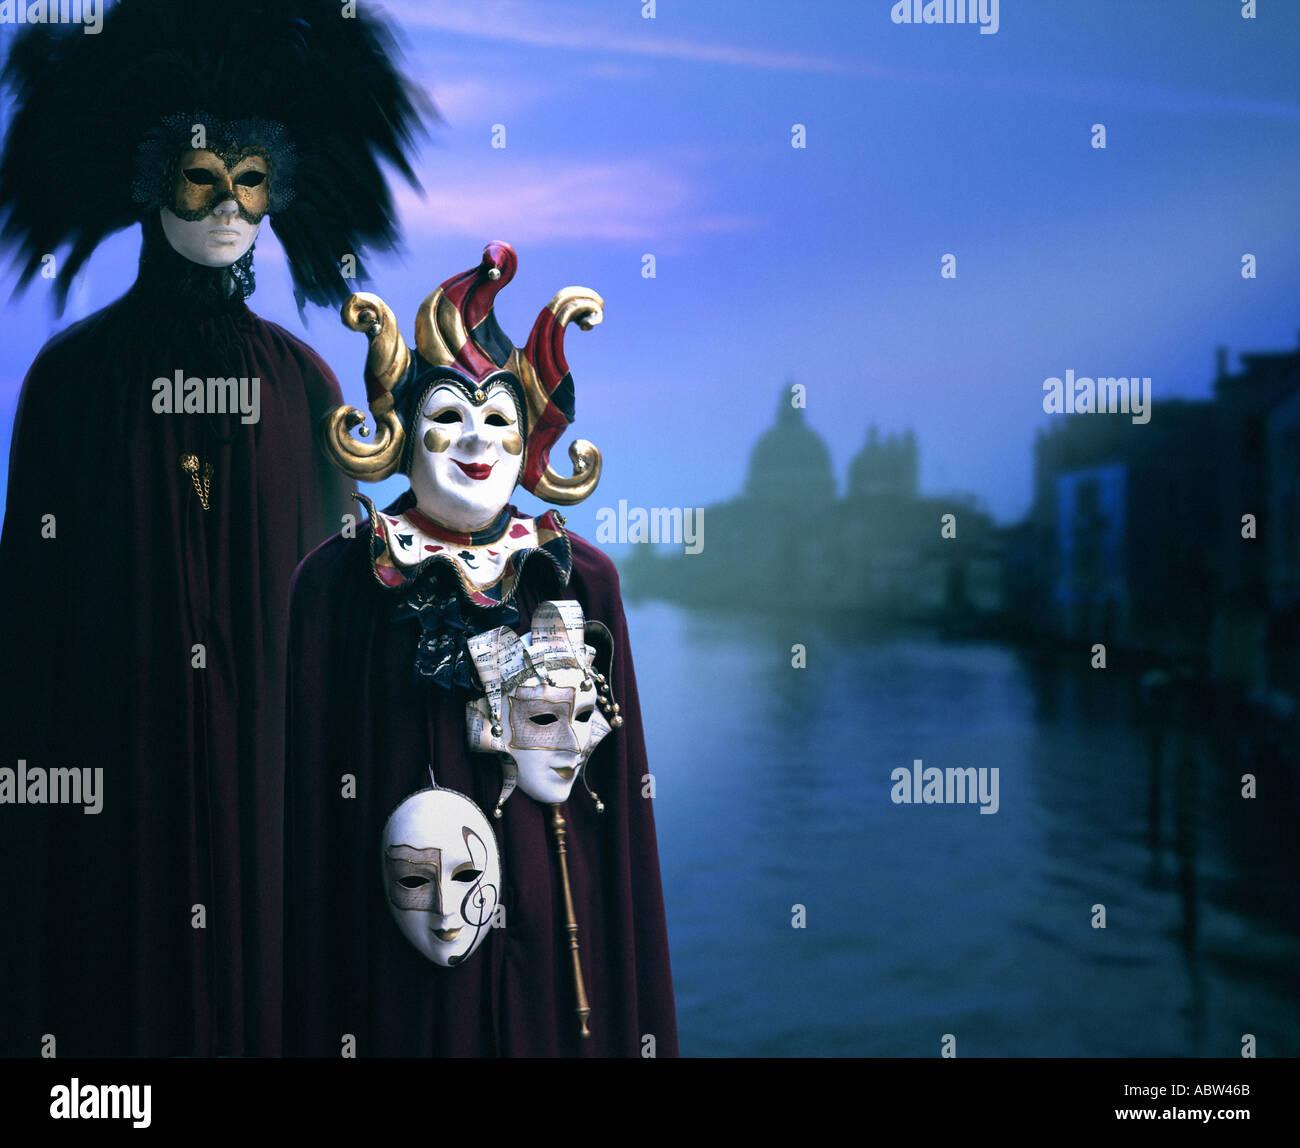 IT - VENICE: Carnival in Venice - Stock Image